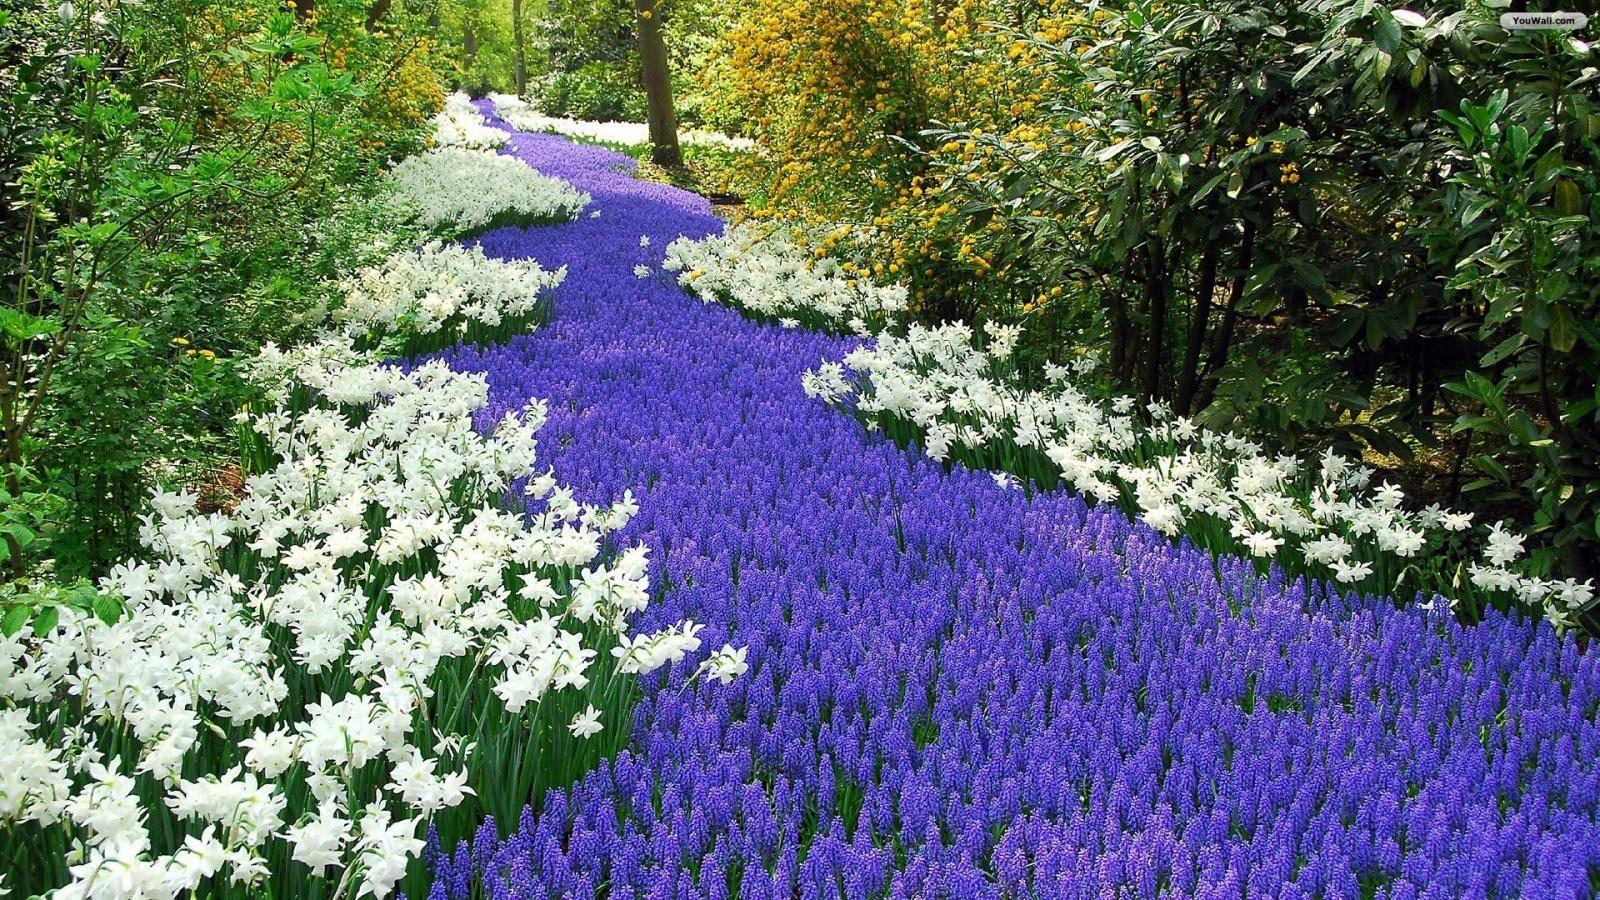 Flower Garden Wallpaper beautiful flower garden wallpapers download - imghd : browse and